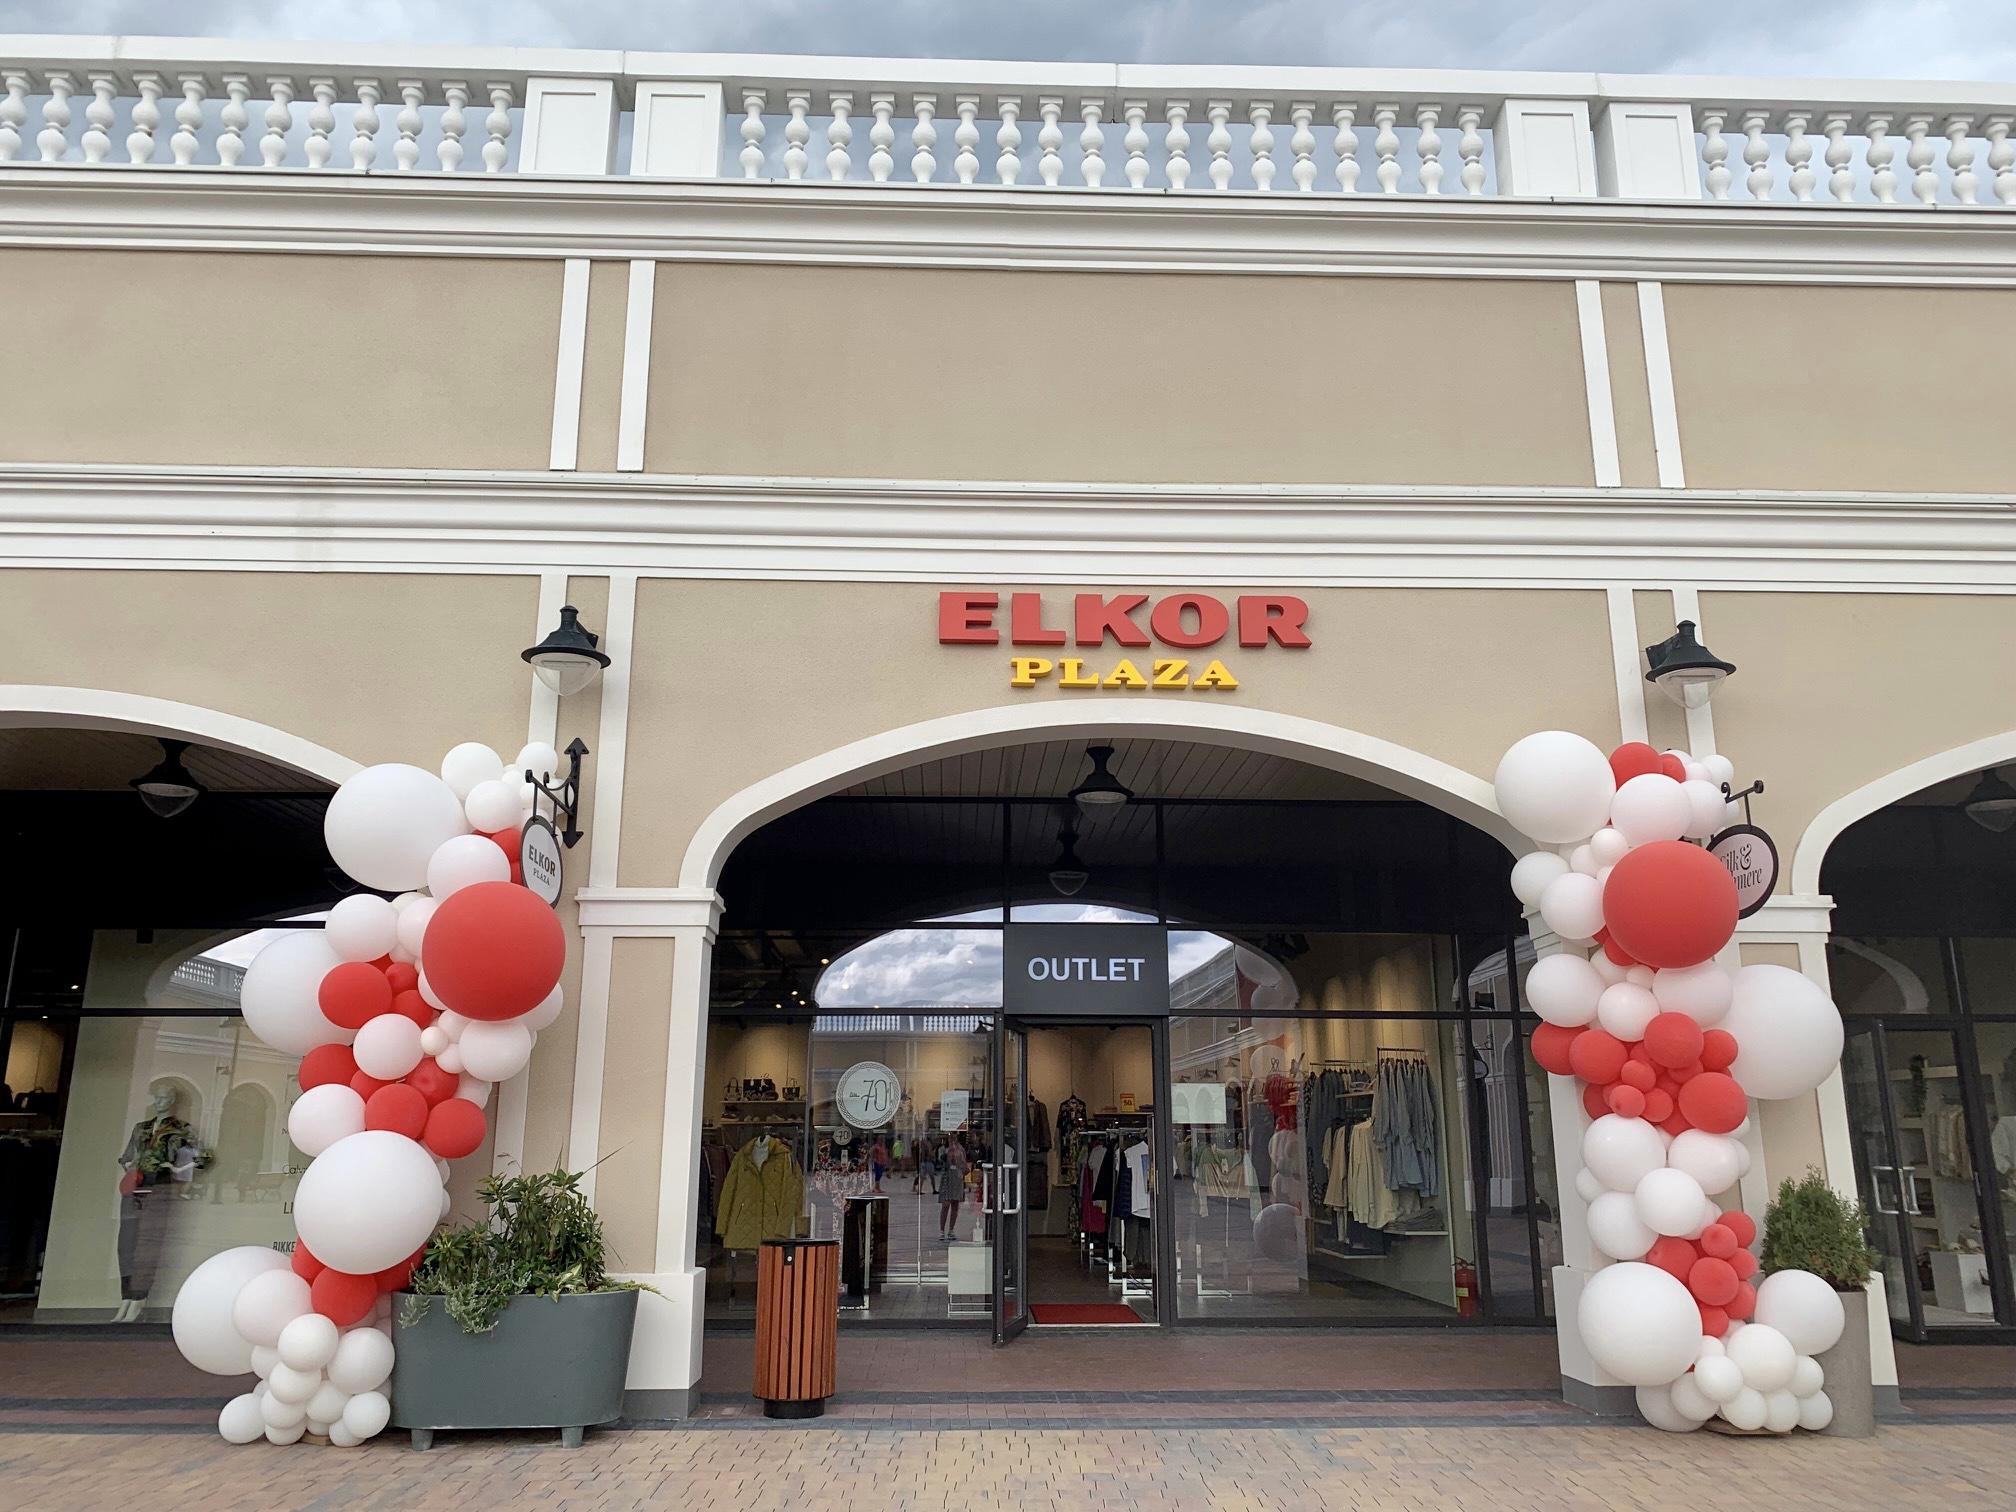 Elkor_Plaza_Outlet